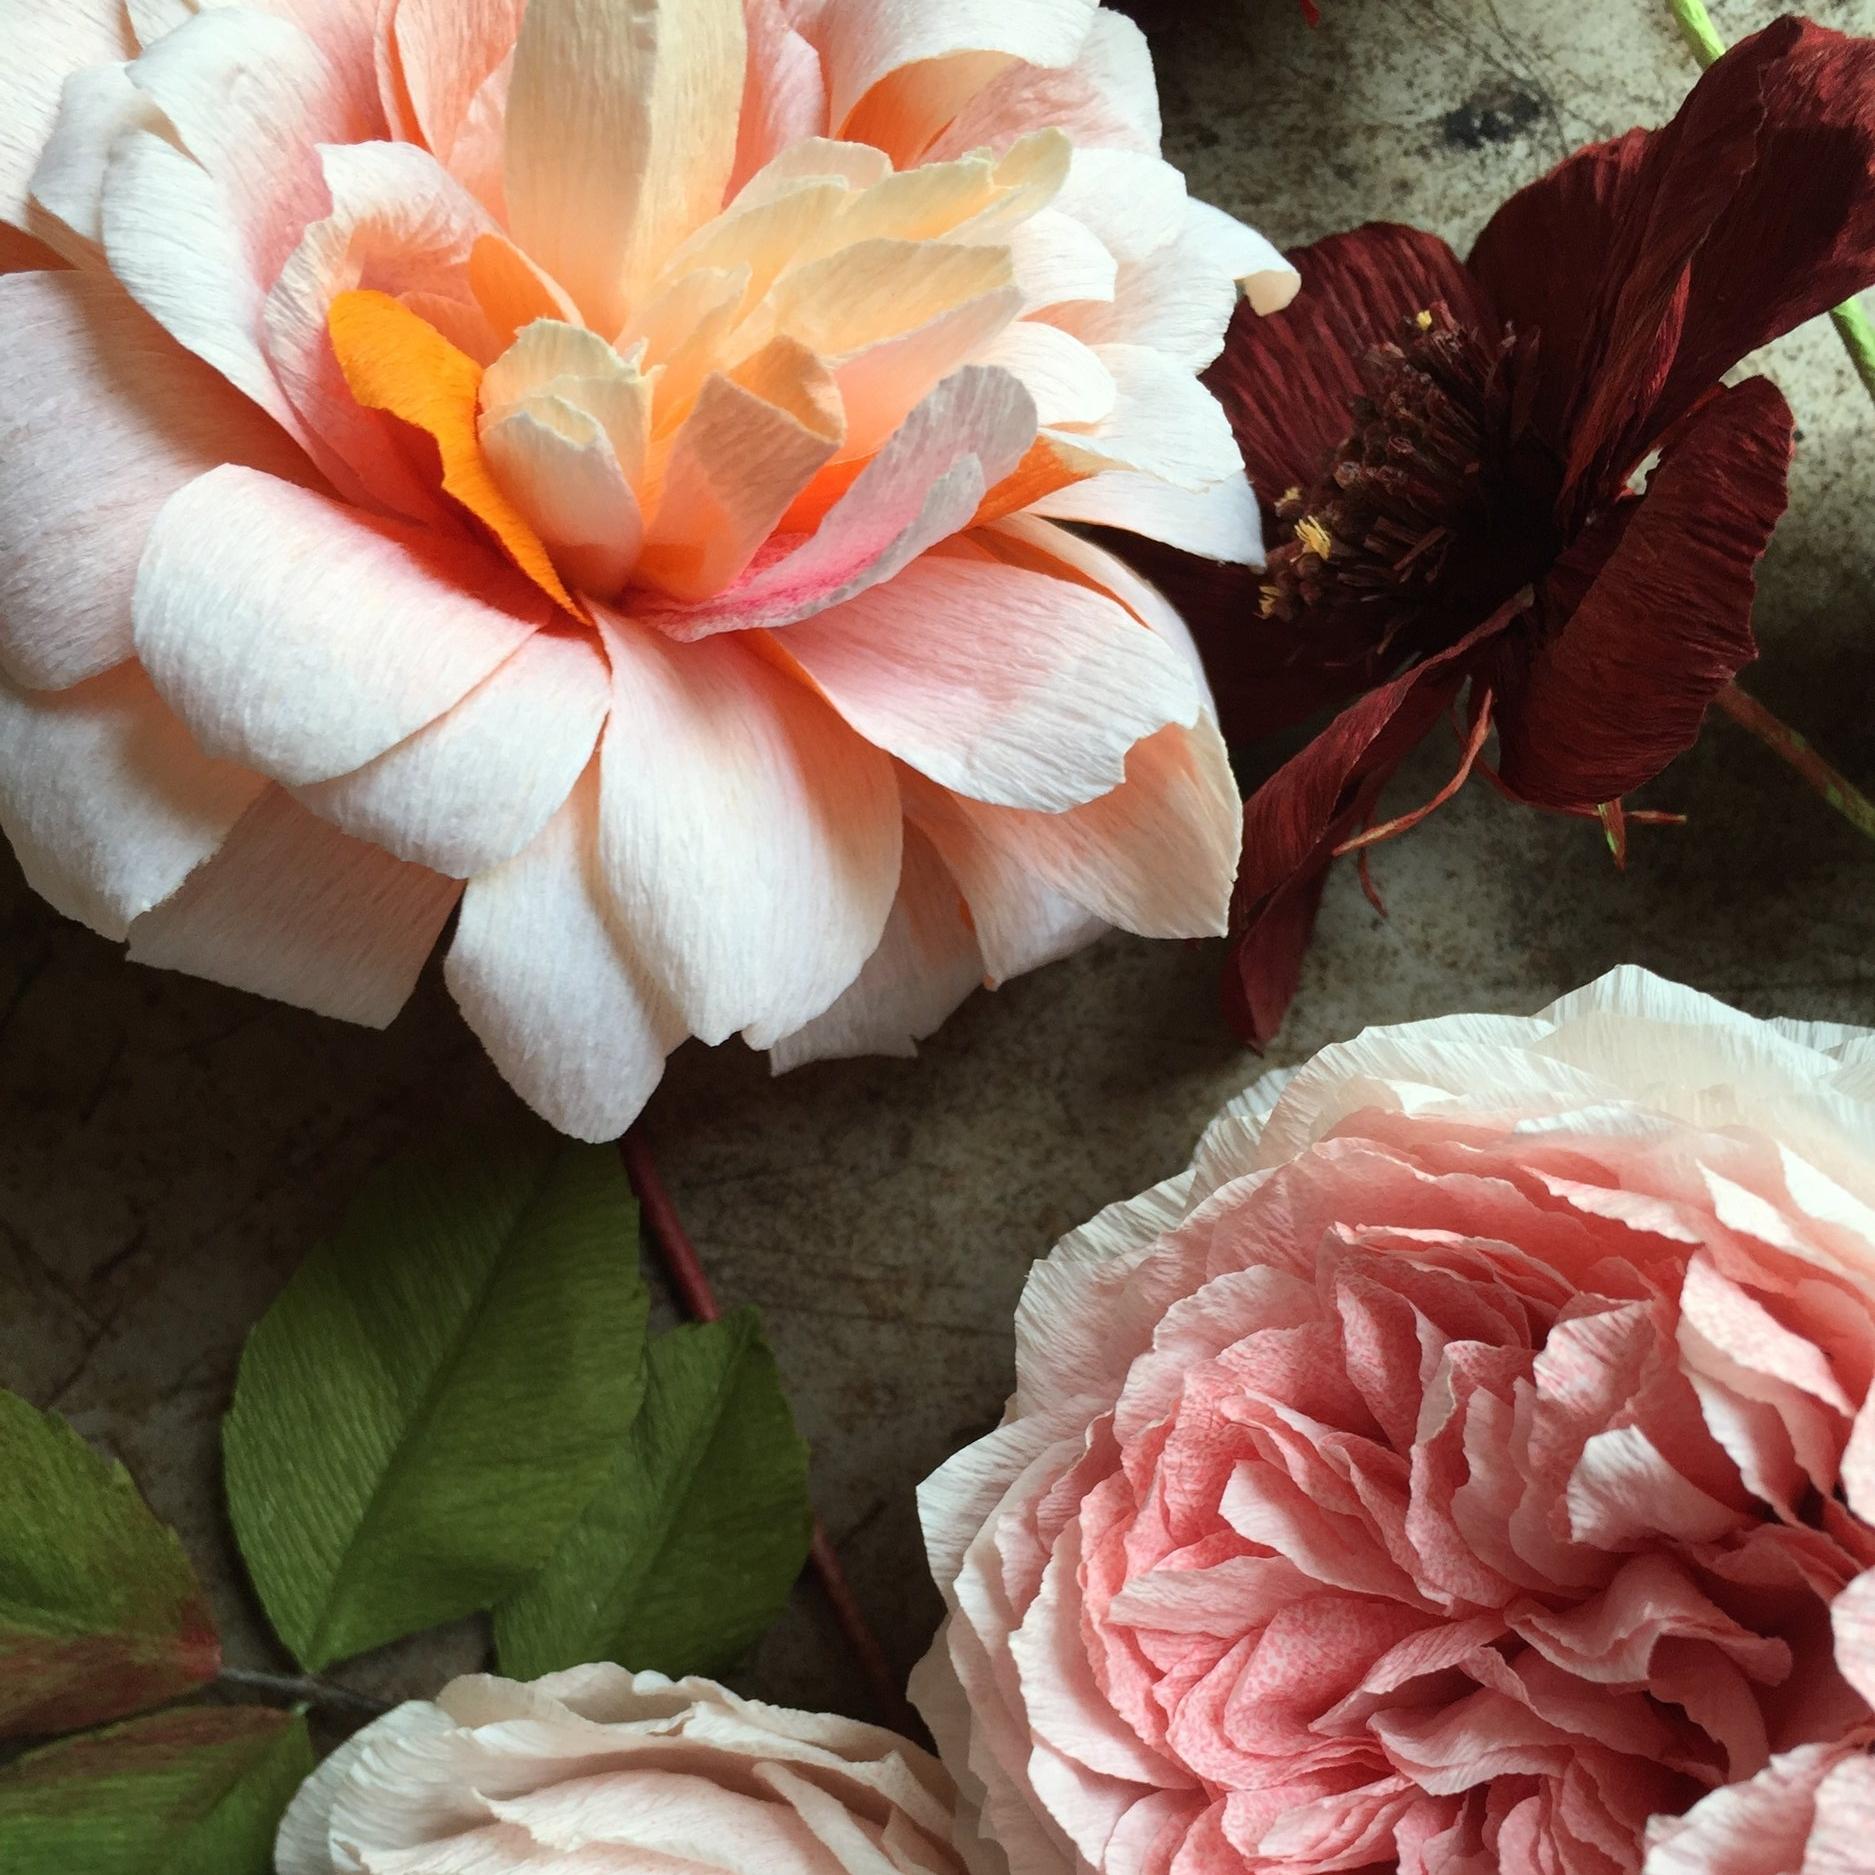 Some beloved roses